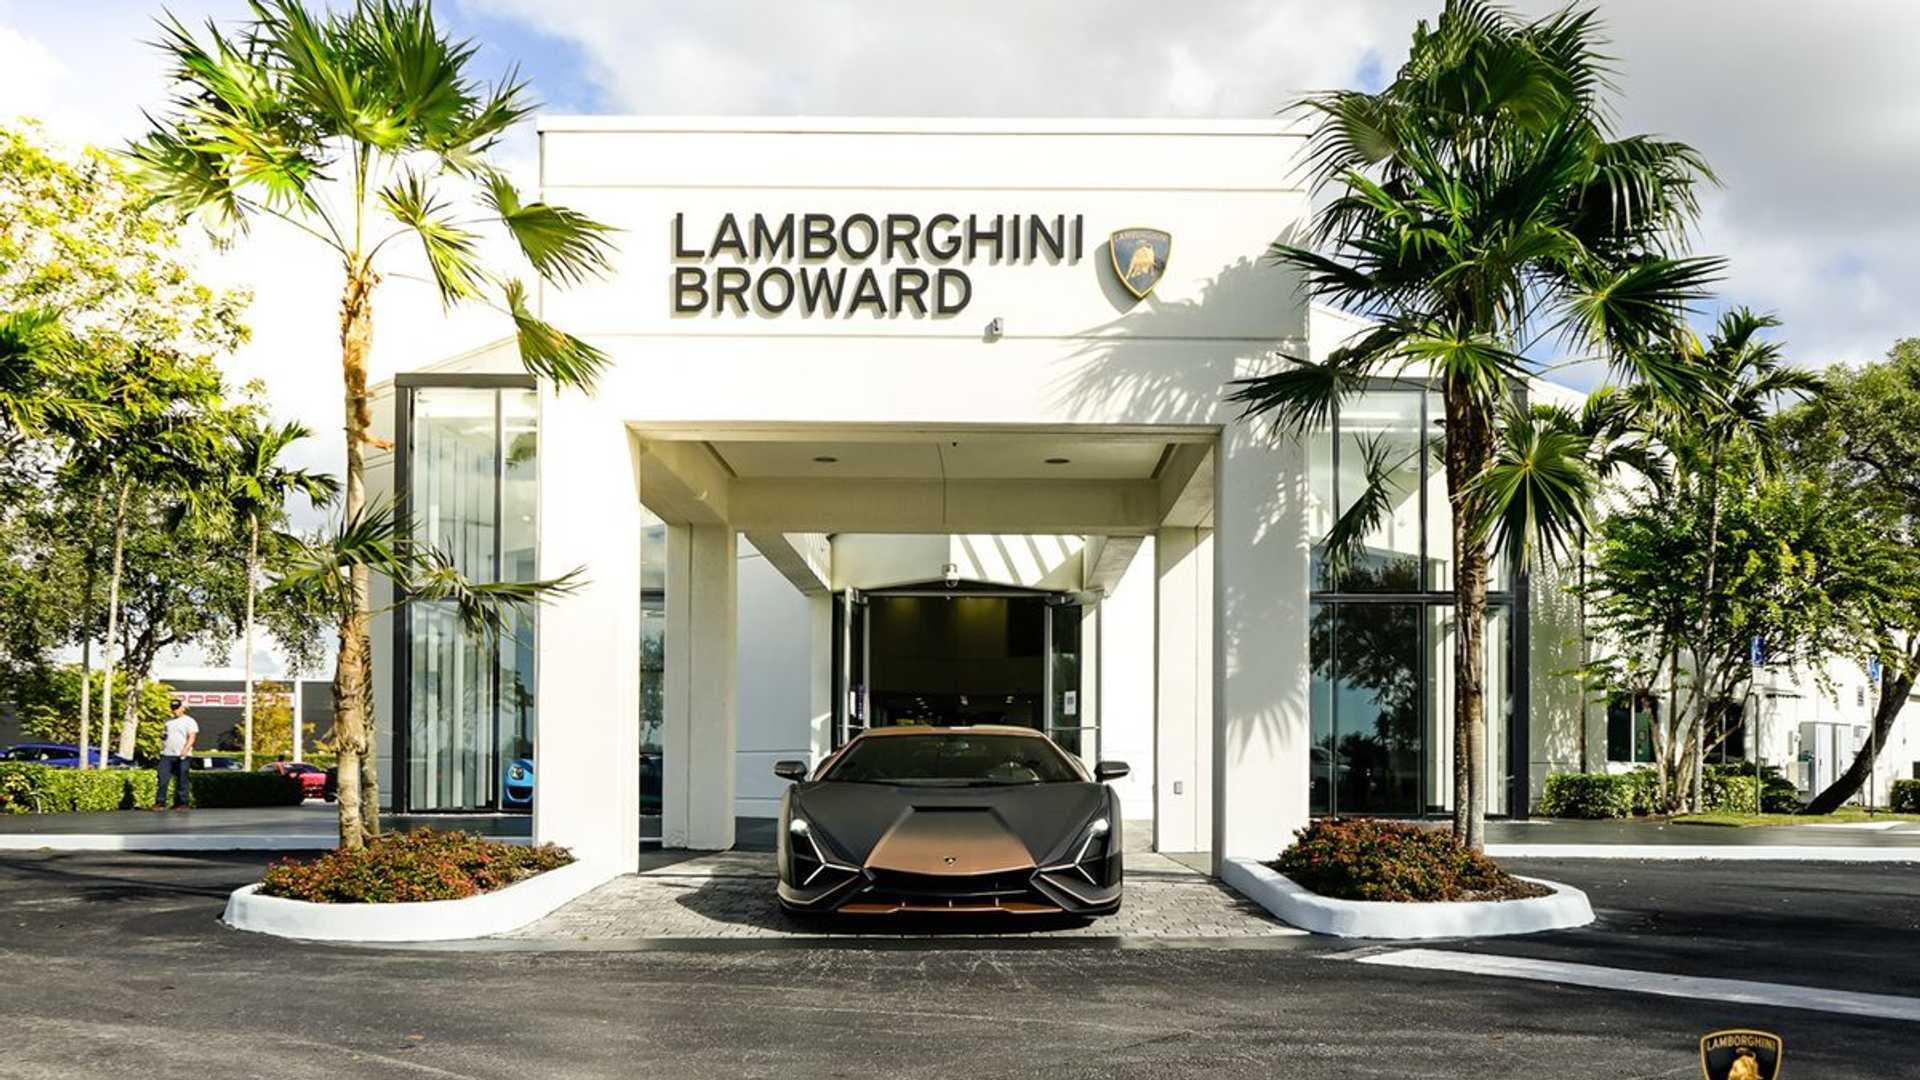 https://cdn.motor1.com/images/mgl/108op/s6/lamborghini-sian-fkp-37-brown-delivery-at-dealer.jpg